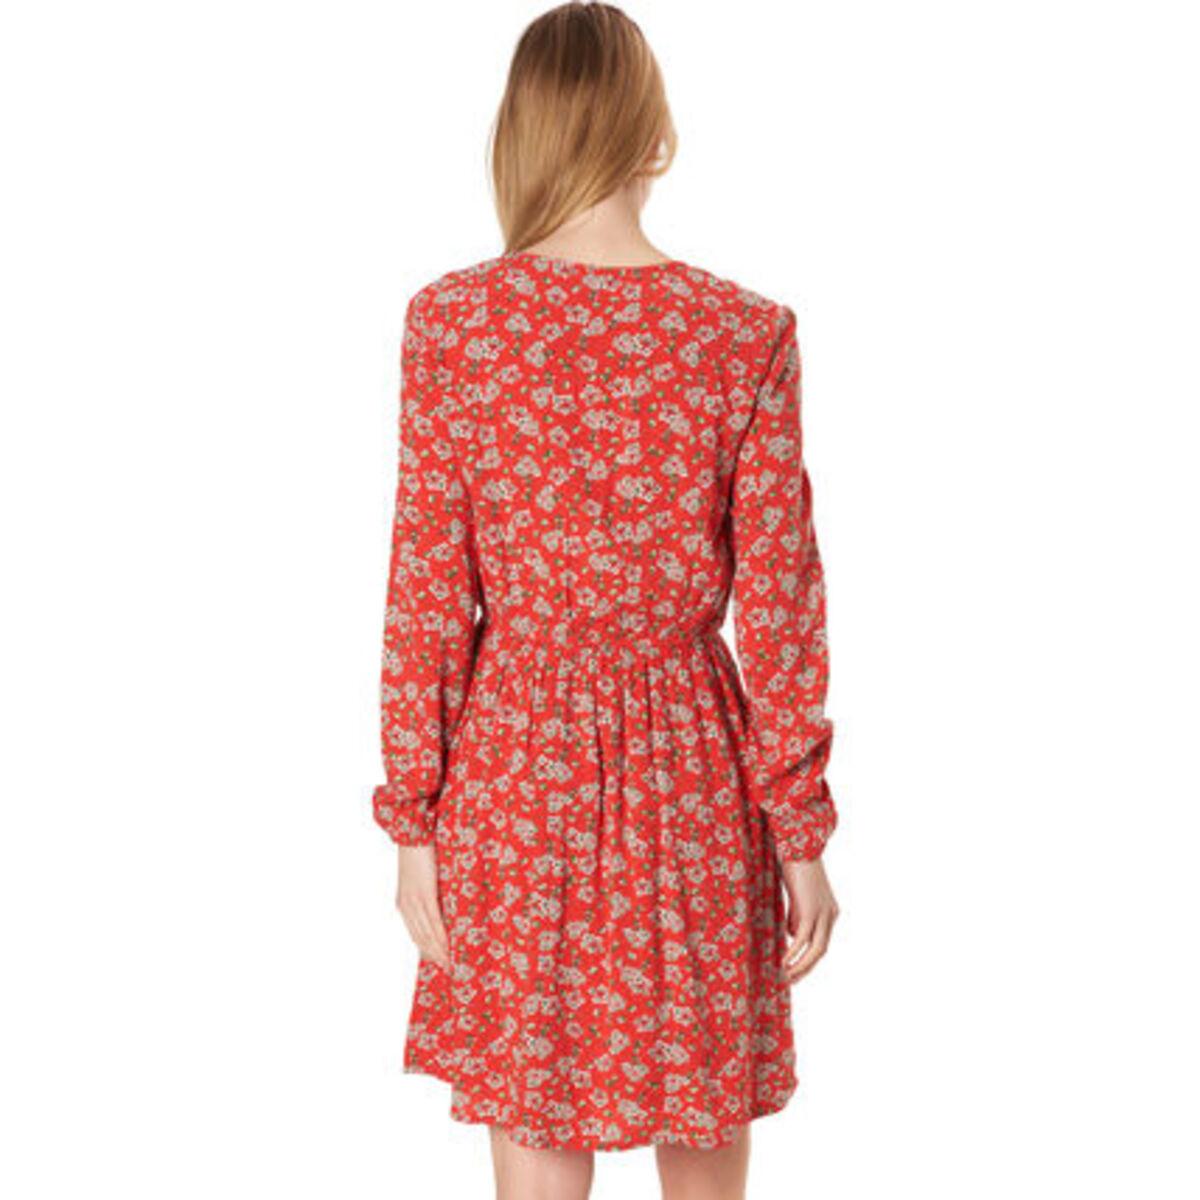 Manguun Kleid Wickeloptik Vausschnitt Taillenbund Für